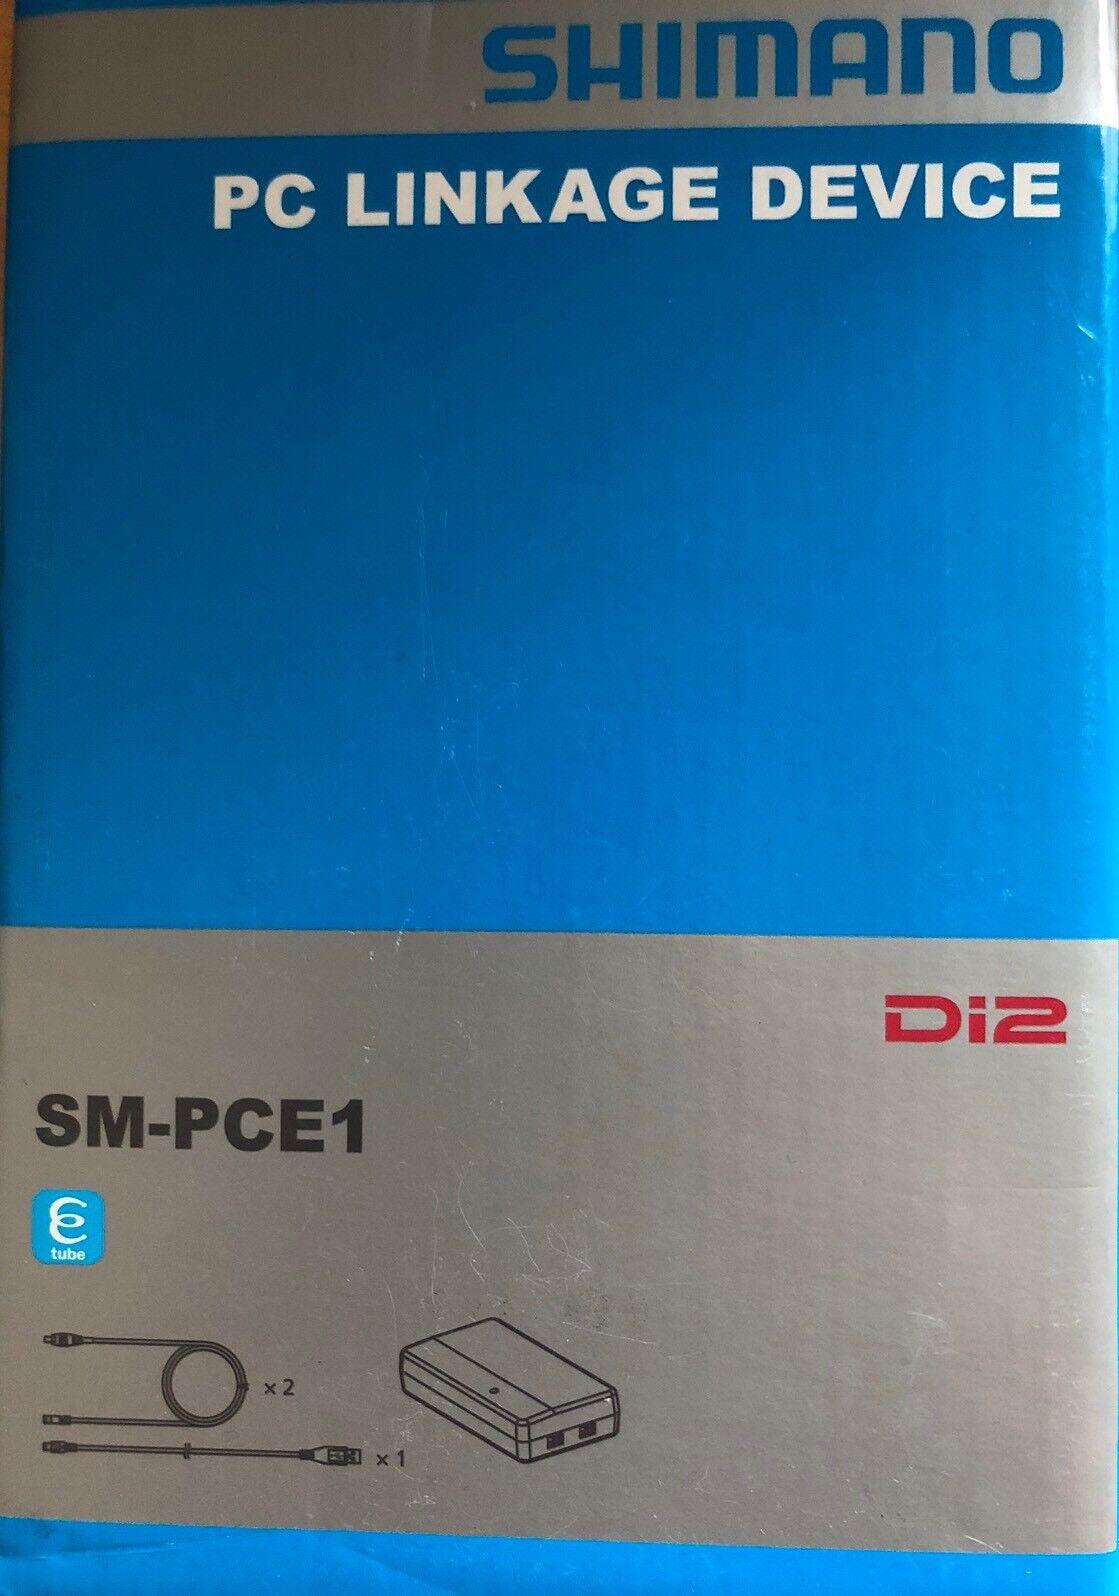 Shimano einstellkit sm-pce1 para dura-ACE, ultegra, Deore XT, di2, Steps nuevo embalaje original